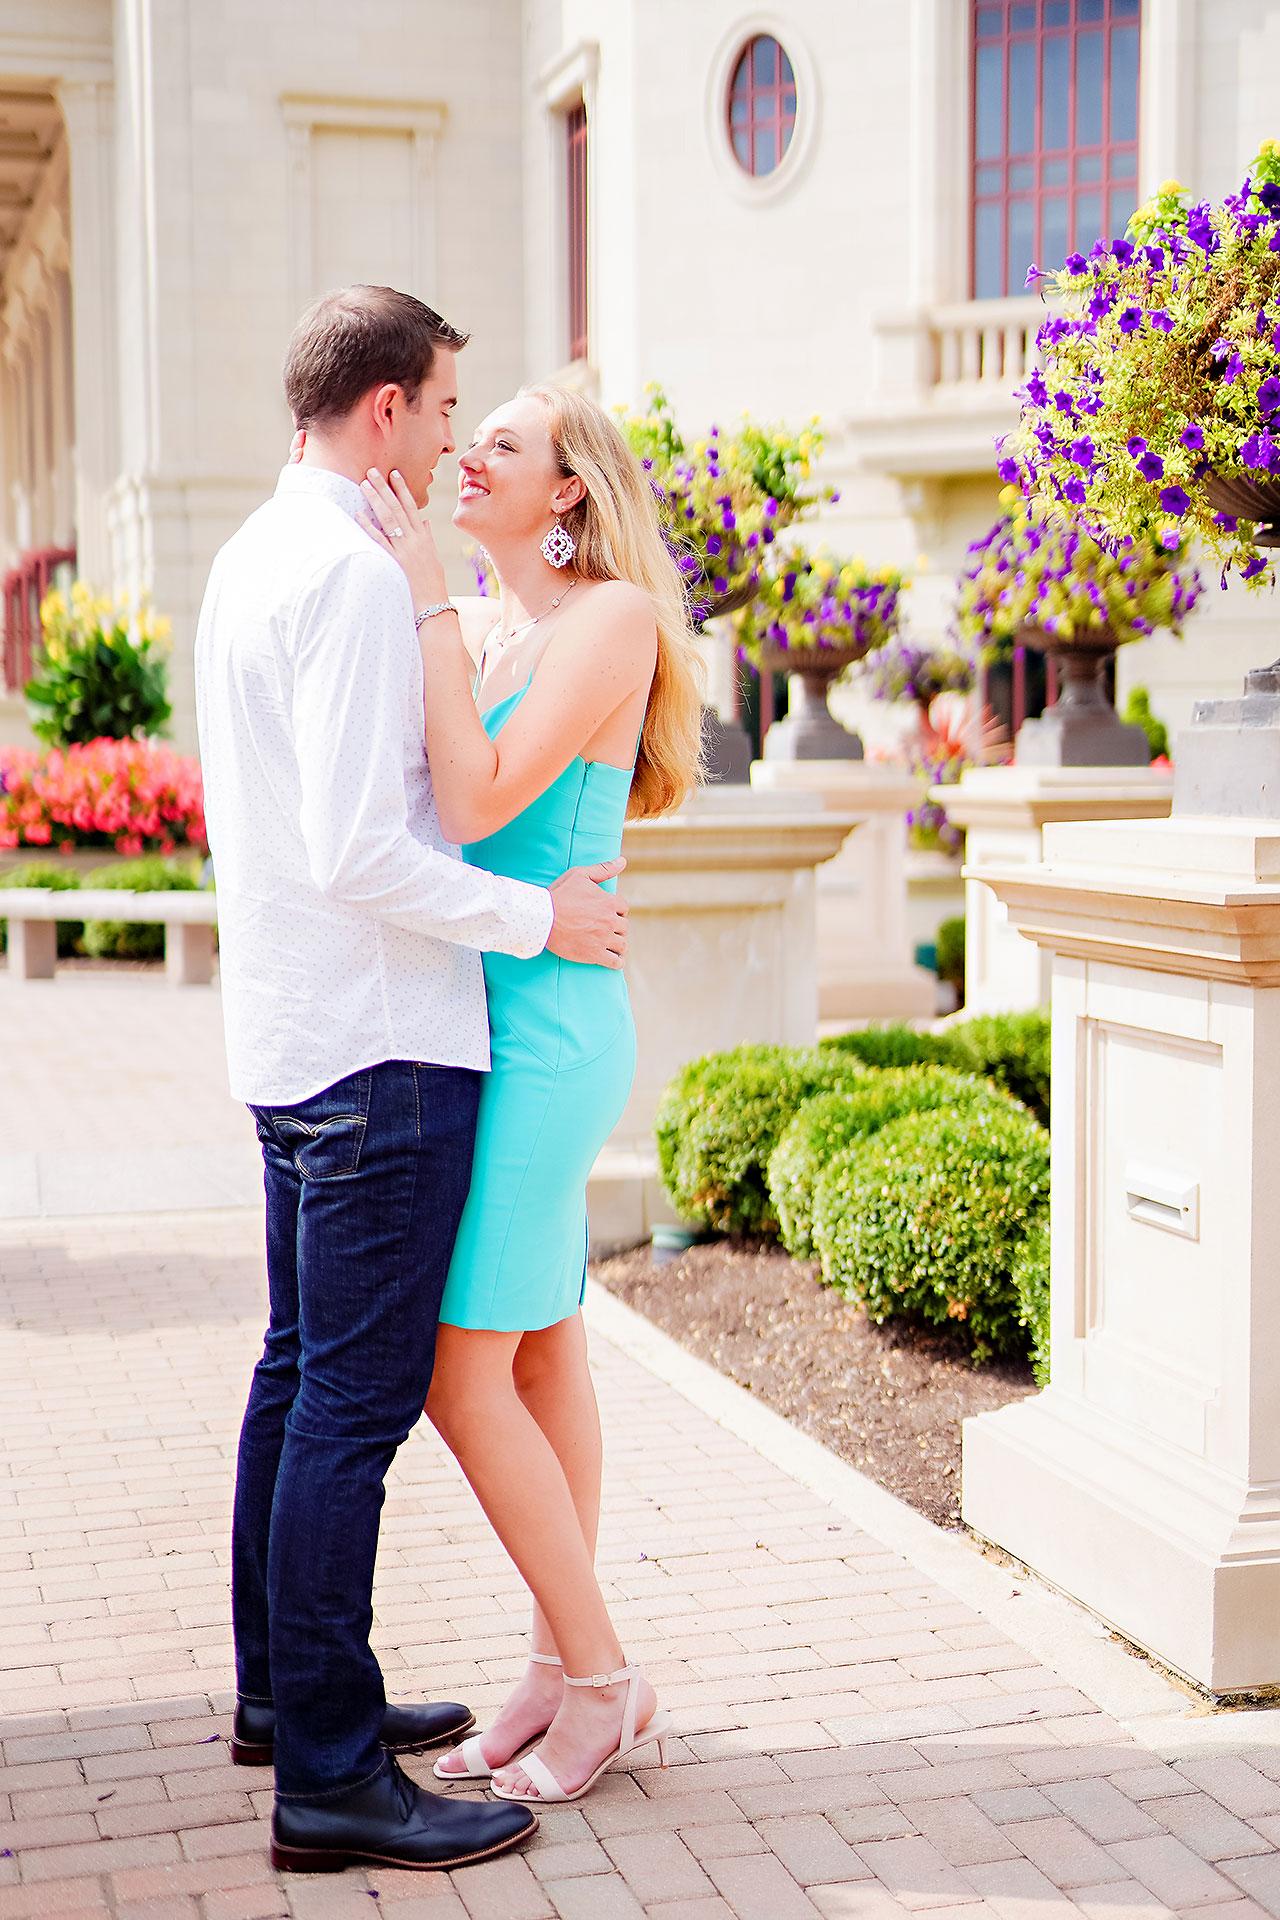 Liz Zach Midtown Carmel Engagement Session 125